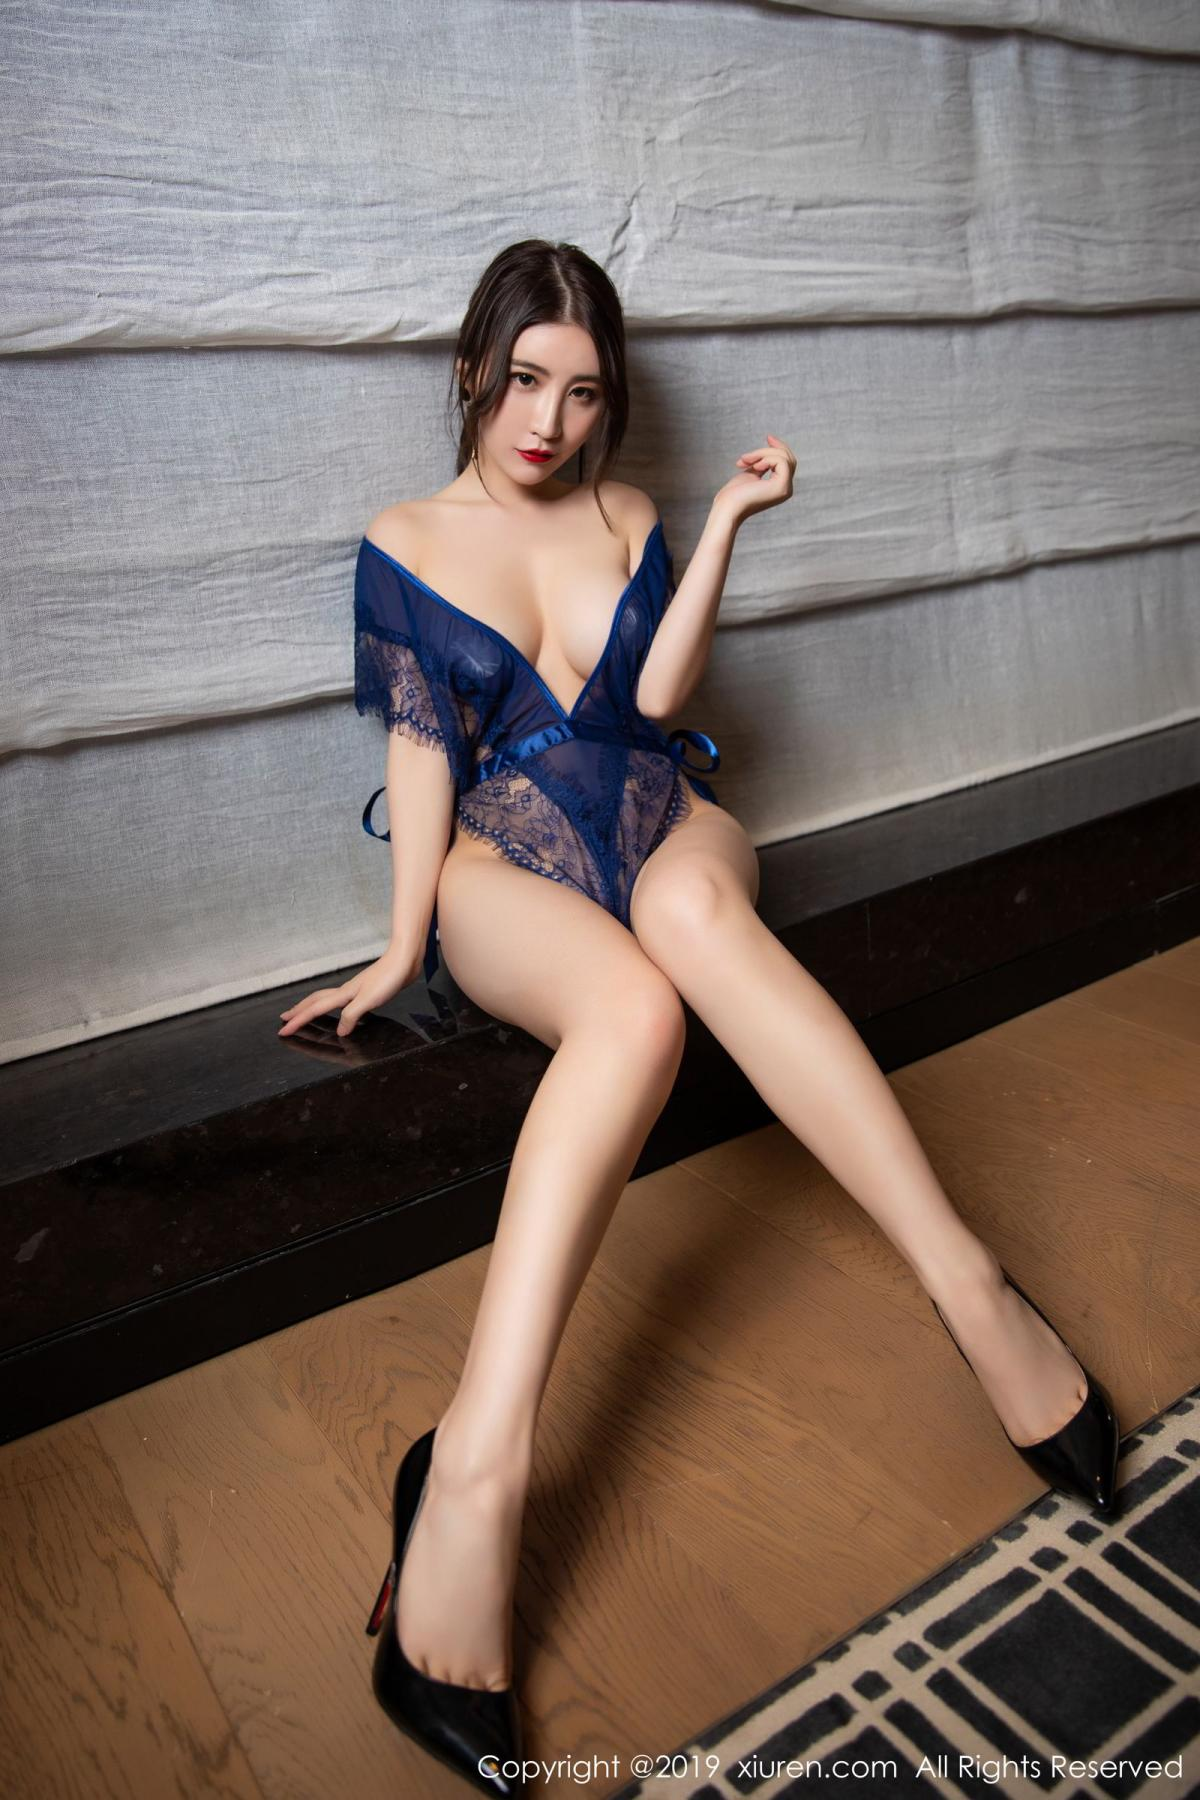 [XiuRen] Vol.1589 Xie Zhi Xin 50P, Sexy, Underwear, Xie Zhi Xin, Xiuren